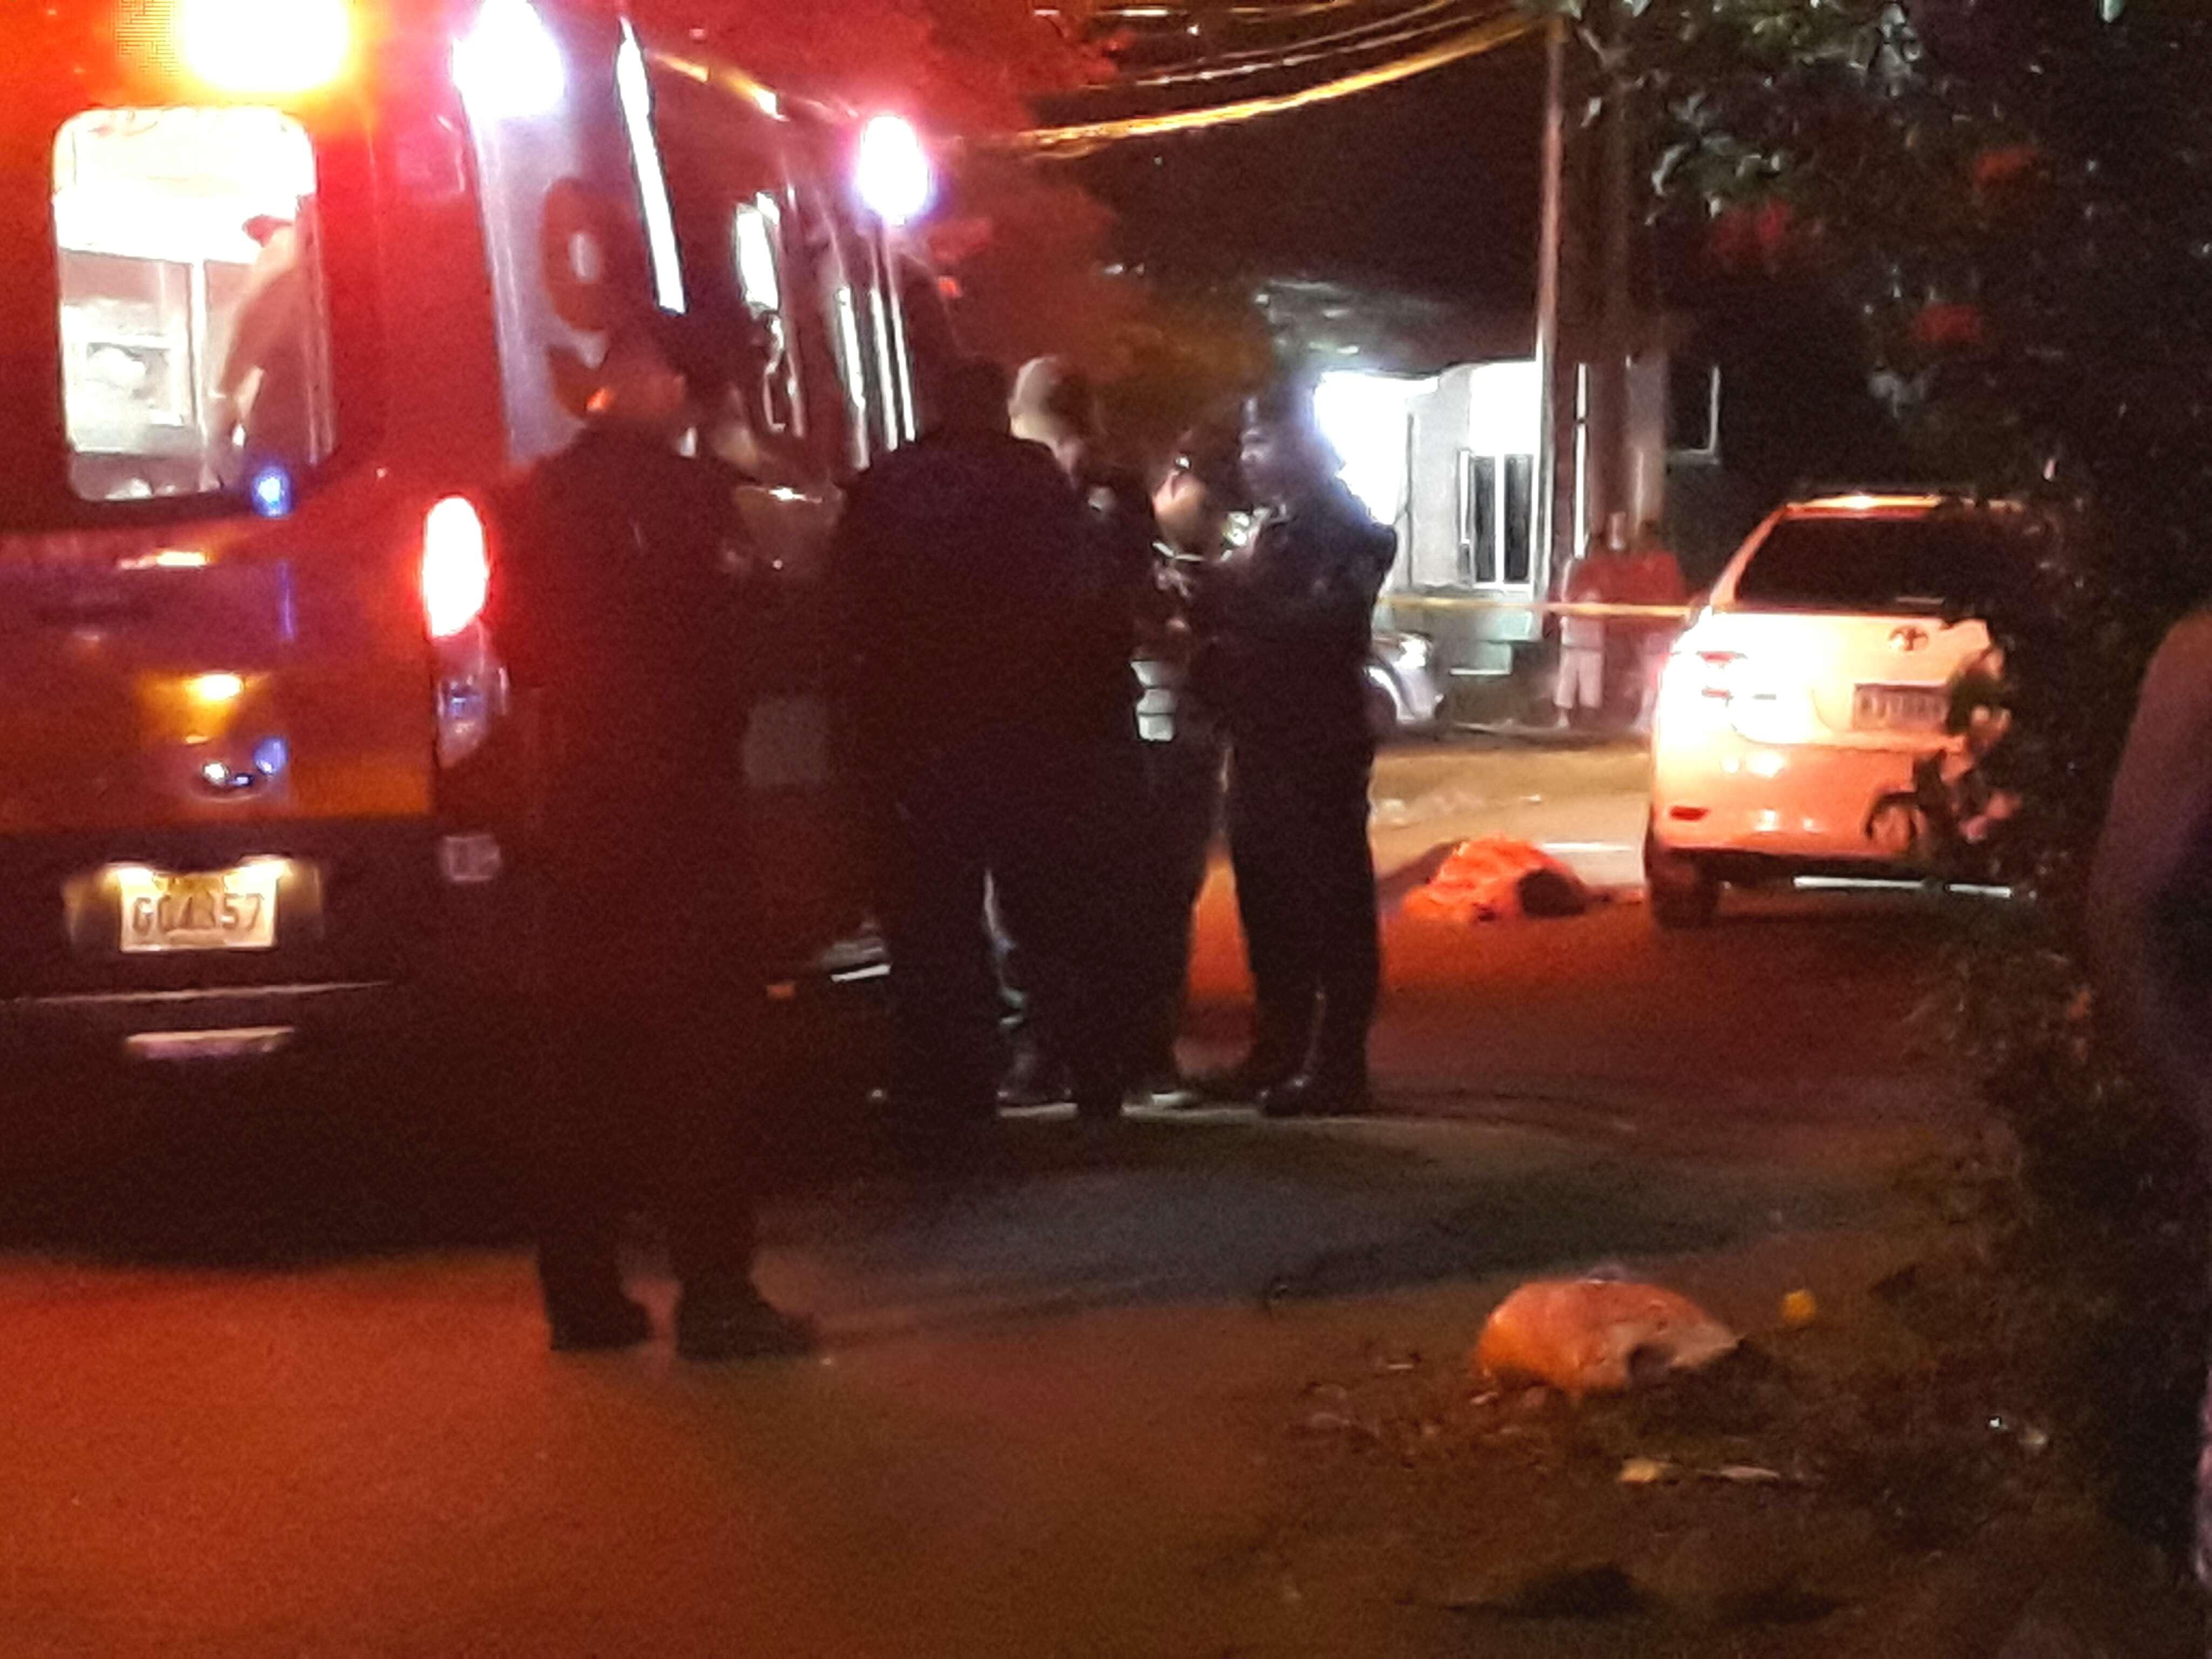 Las autoridades no descartan que el móvil del homicidio haya sido el robo, ya que los dos asaltantes tomaron varios sobres del auto al momento que asesinato. / Foto: José Vásquez